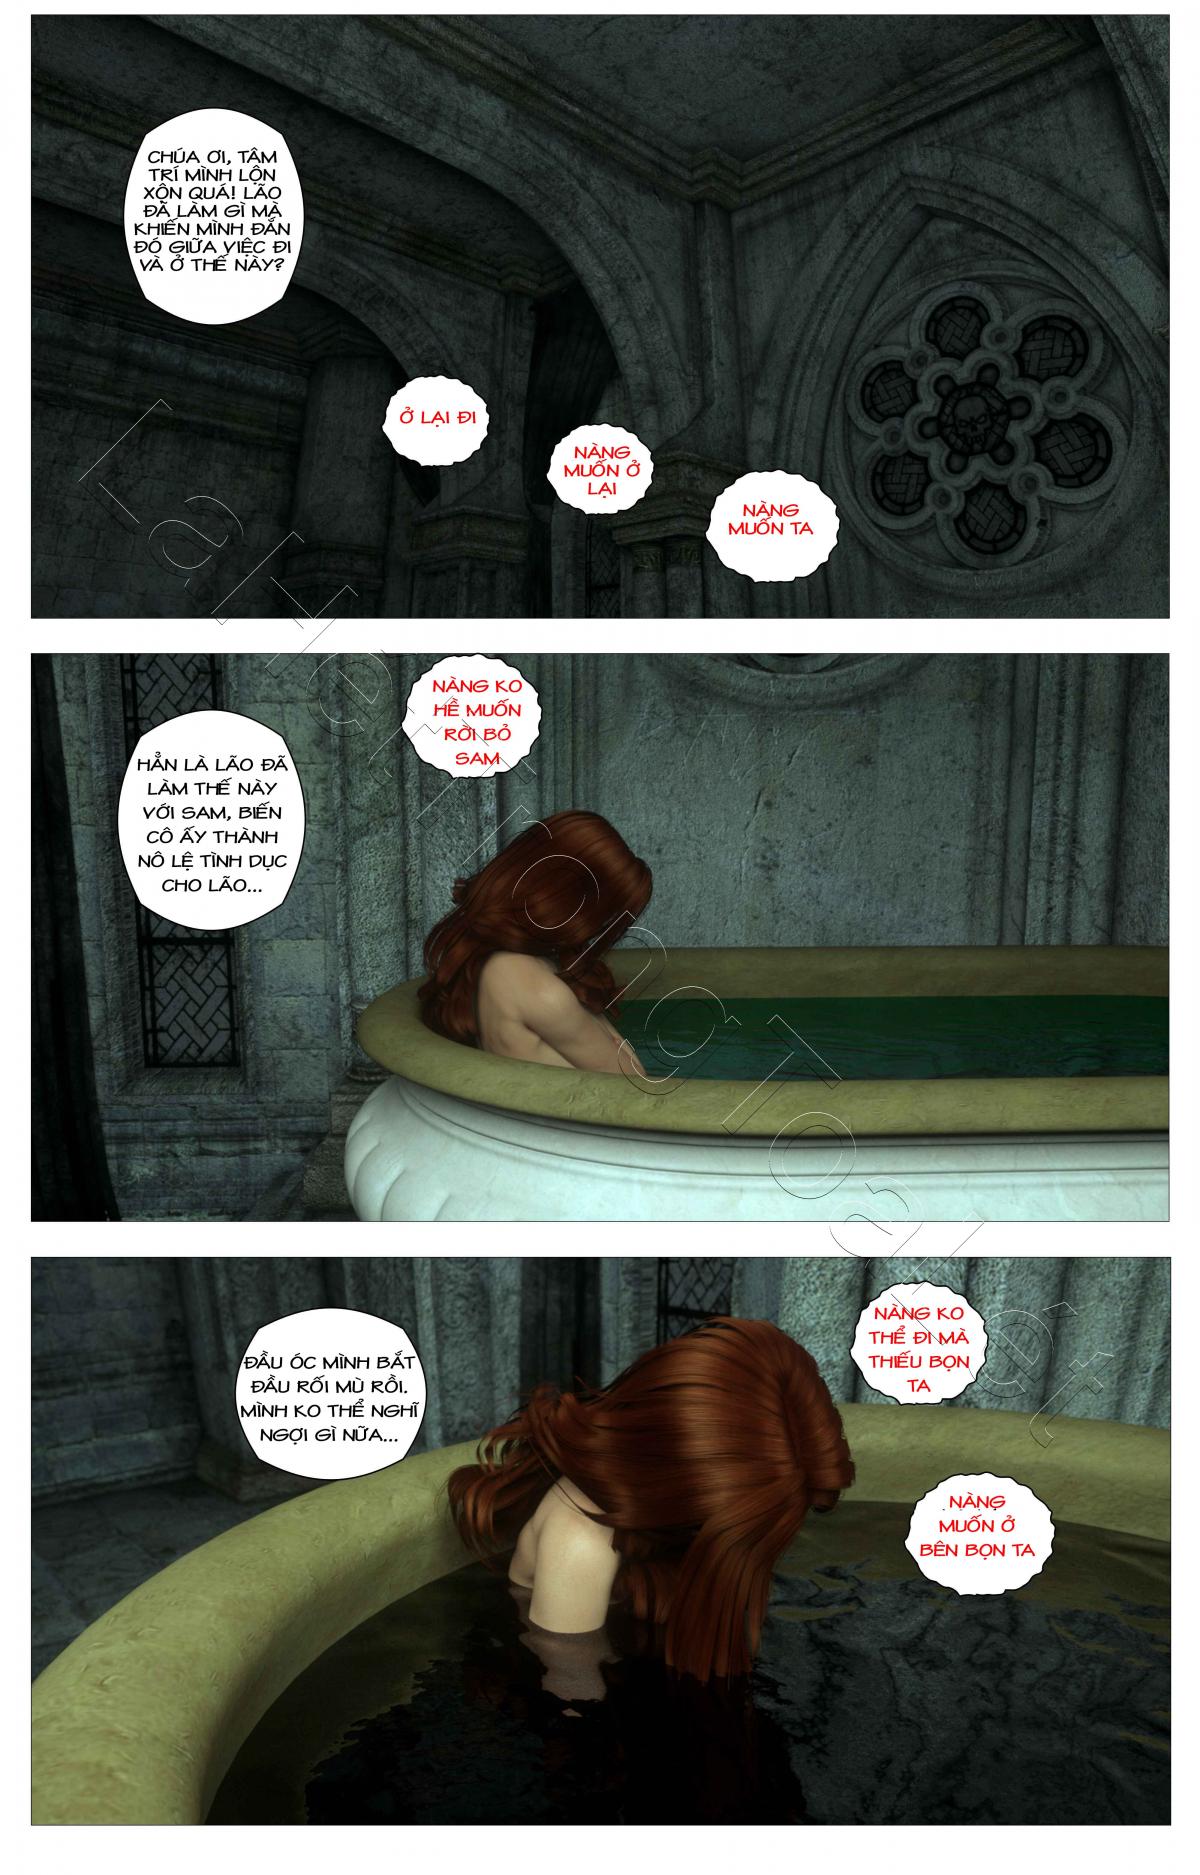 HentaiVN.net - Ảnh 6 - Tòa lâu đài bí ẩn: lời nguyền của Caritagua - Crypt Raider: Curse of Caritagua, Crypt Raider - Tập 5